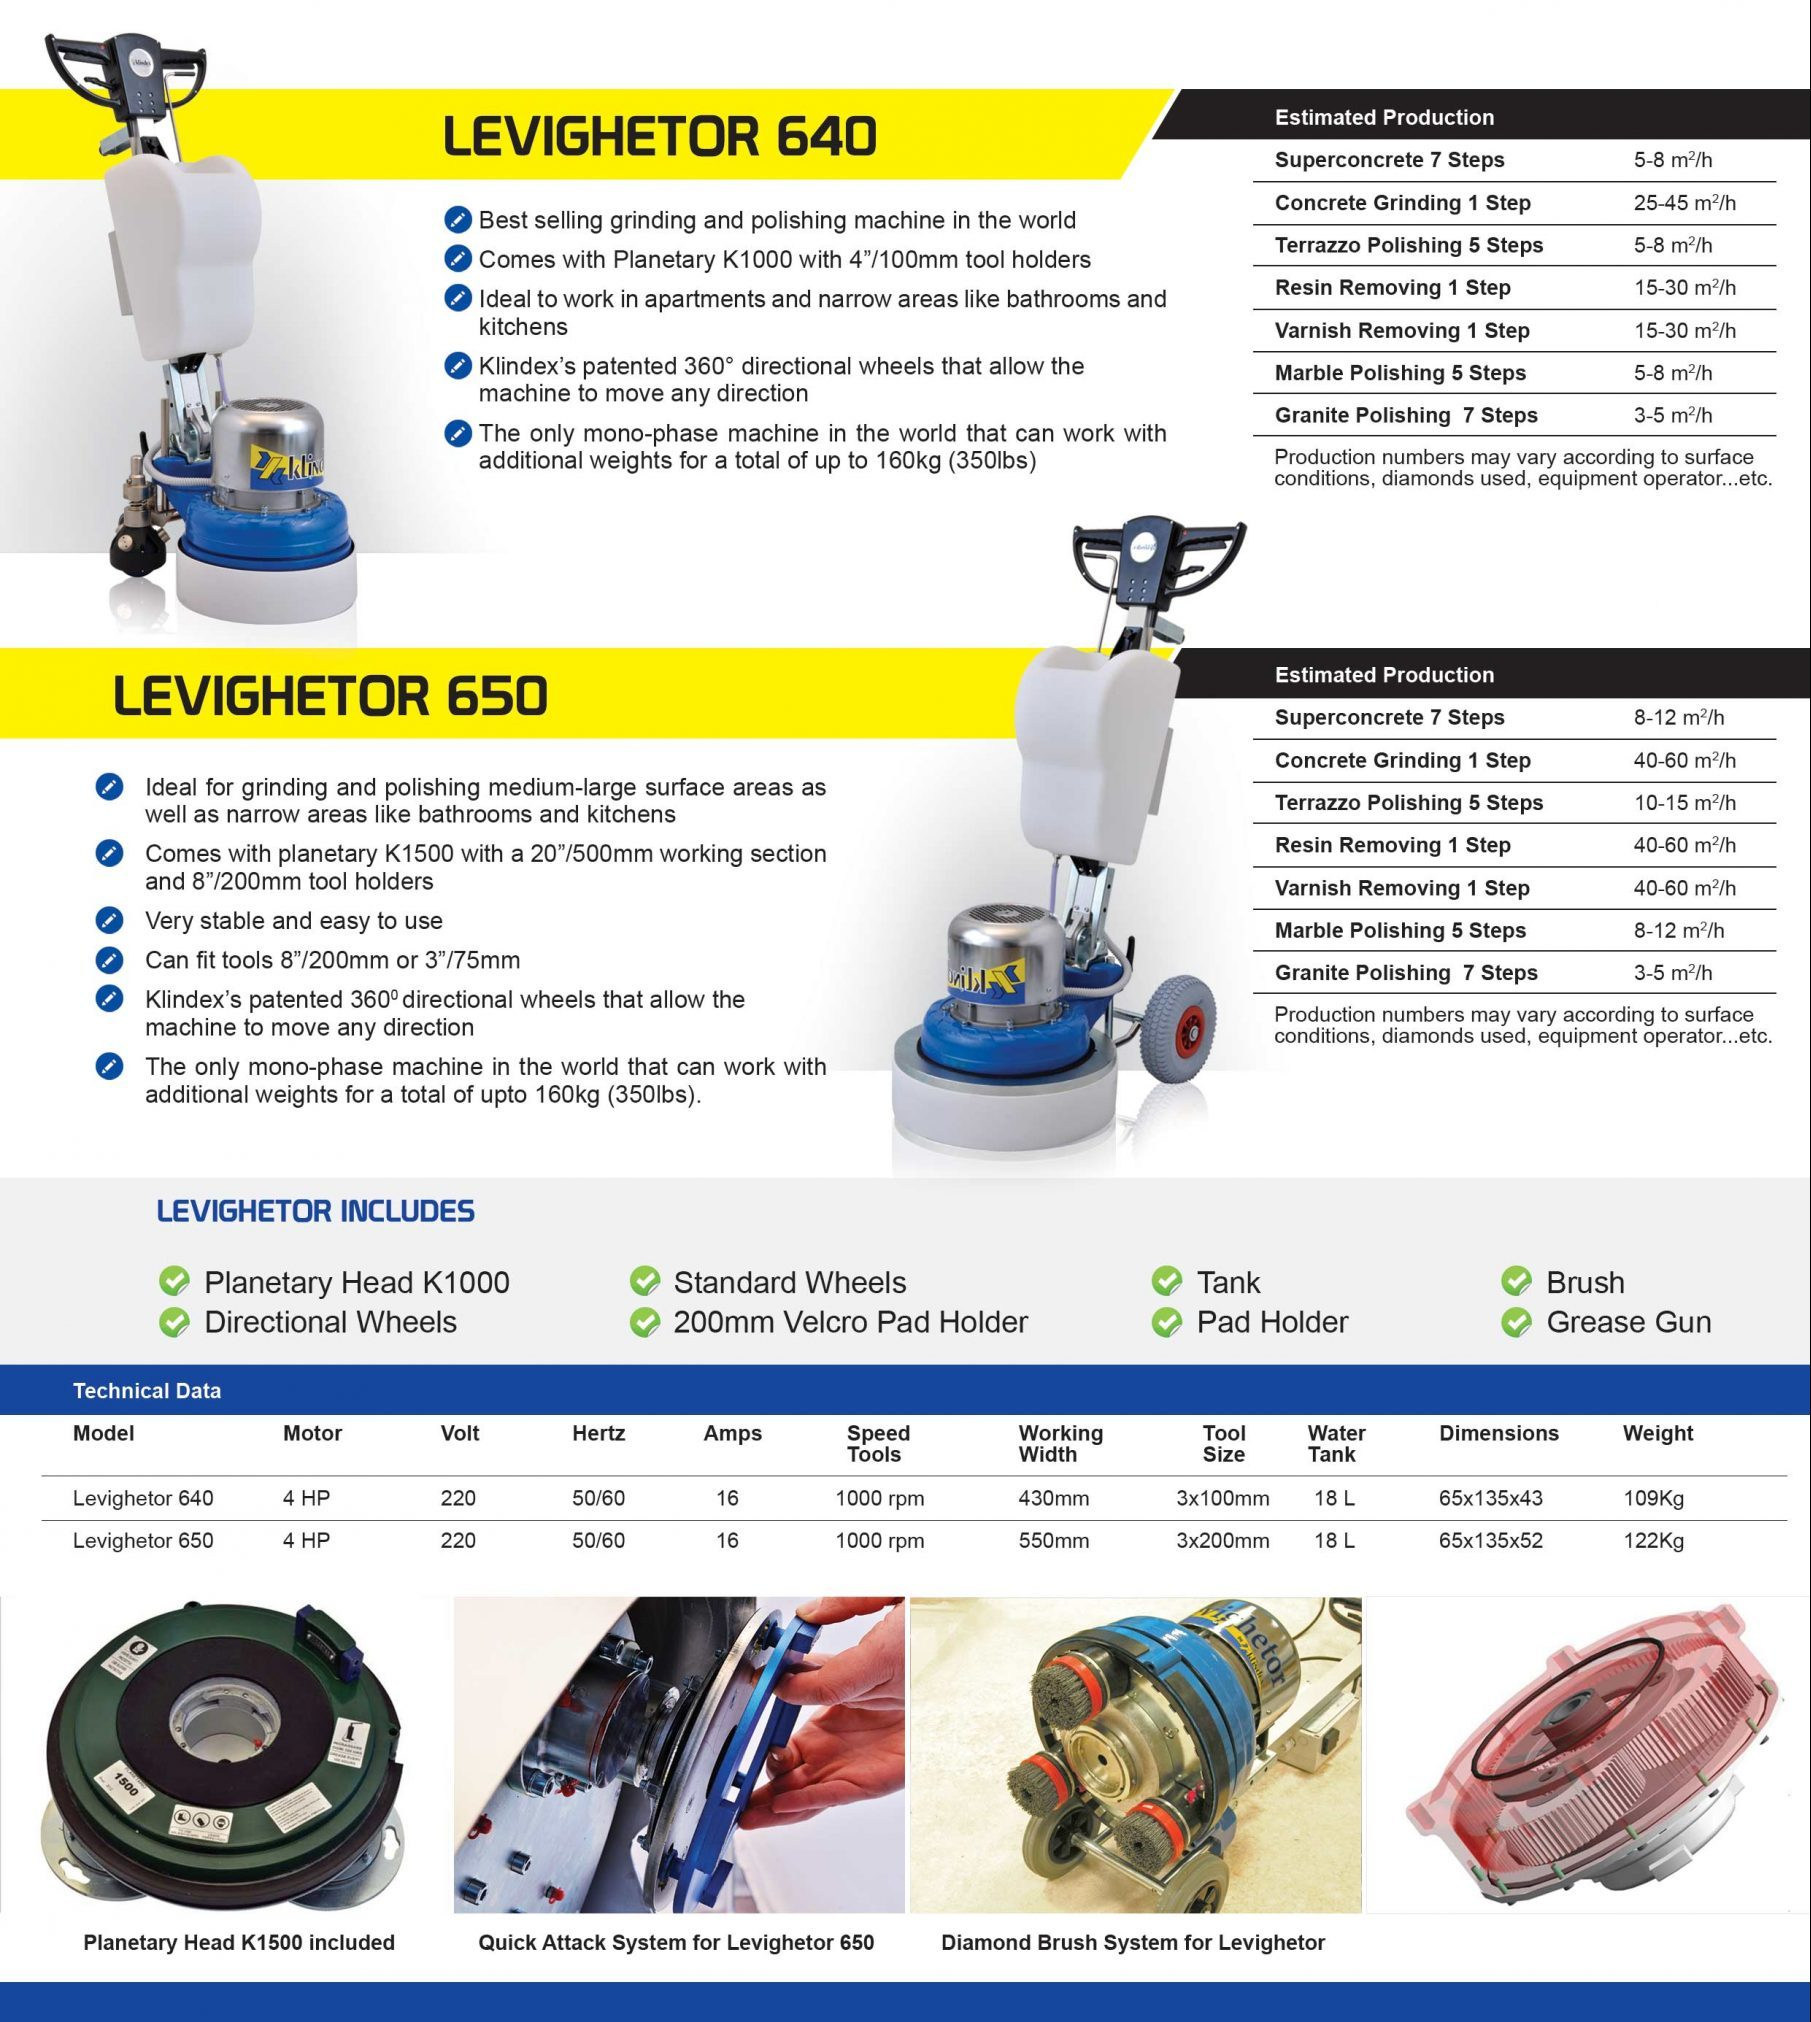 Levighetor Brochure 2016